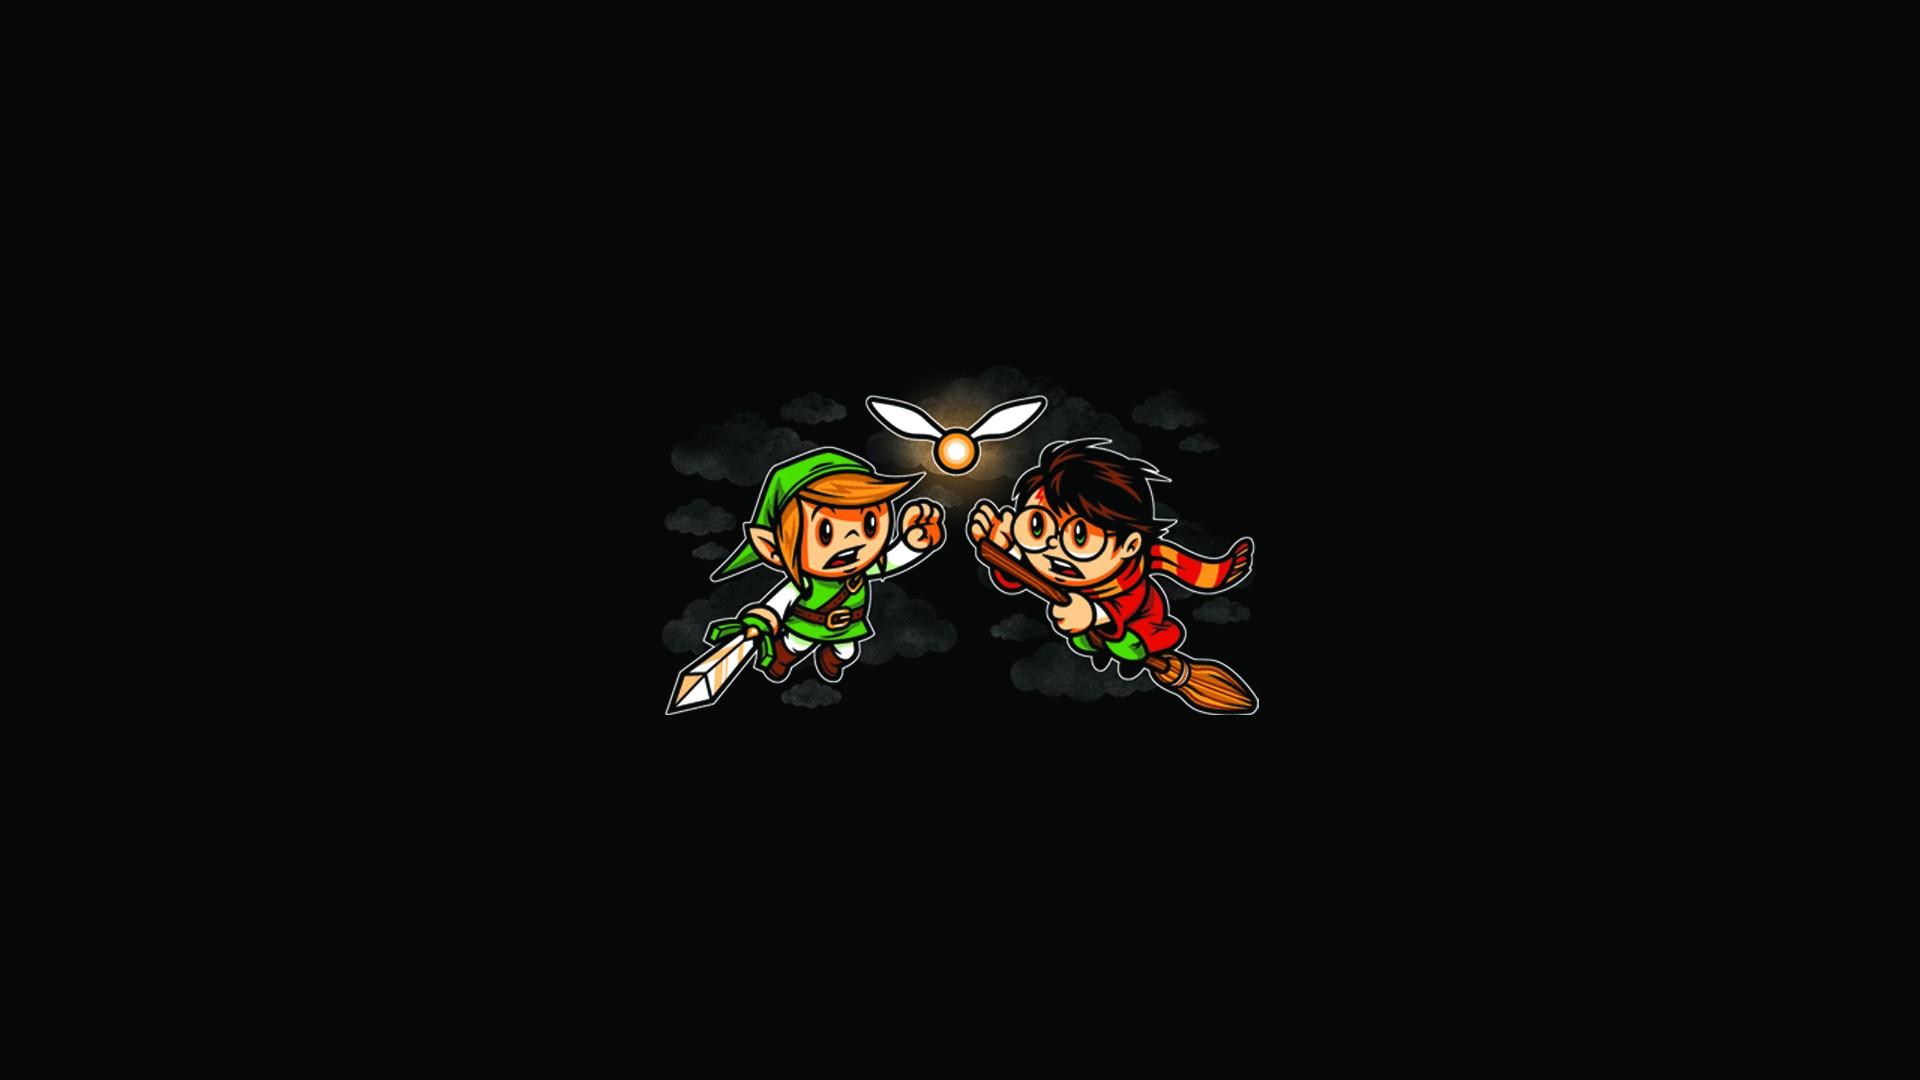 Zelda Link Harry Potter Black Fairy Wallpaper 1920x1080